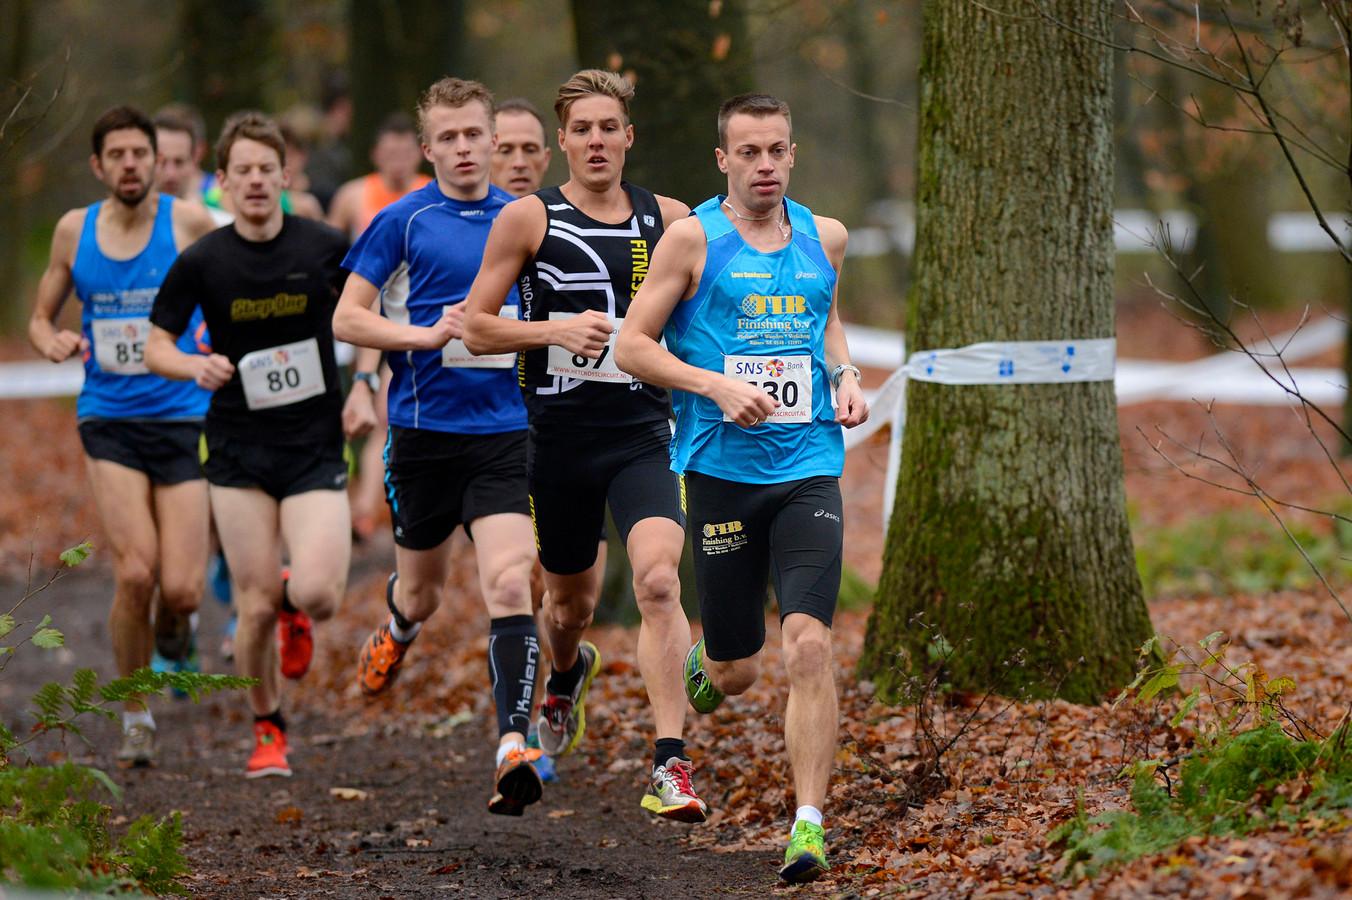 Dit seizoen geen volwaardige crosscompetitie, de verenigingen proberen de crosslopen als individuele lopen te organiseren.